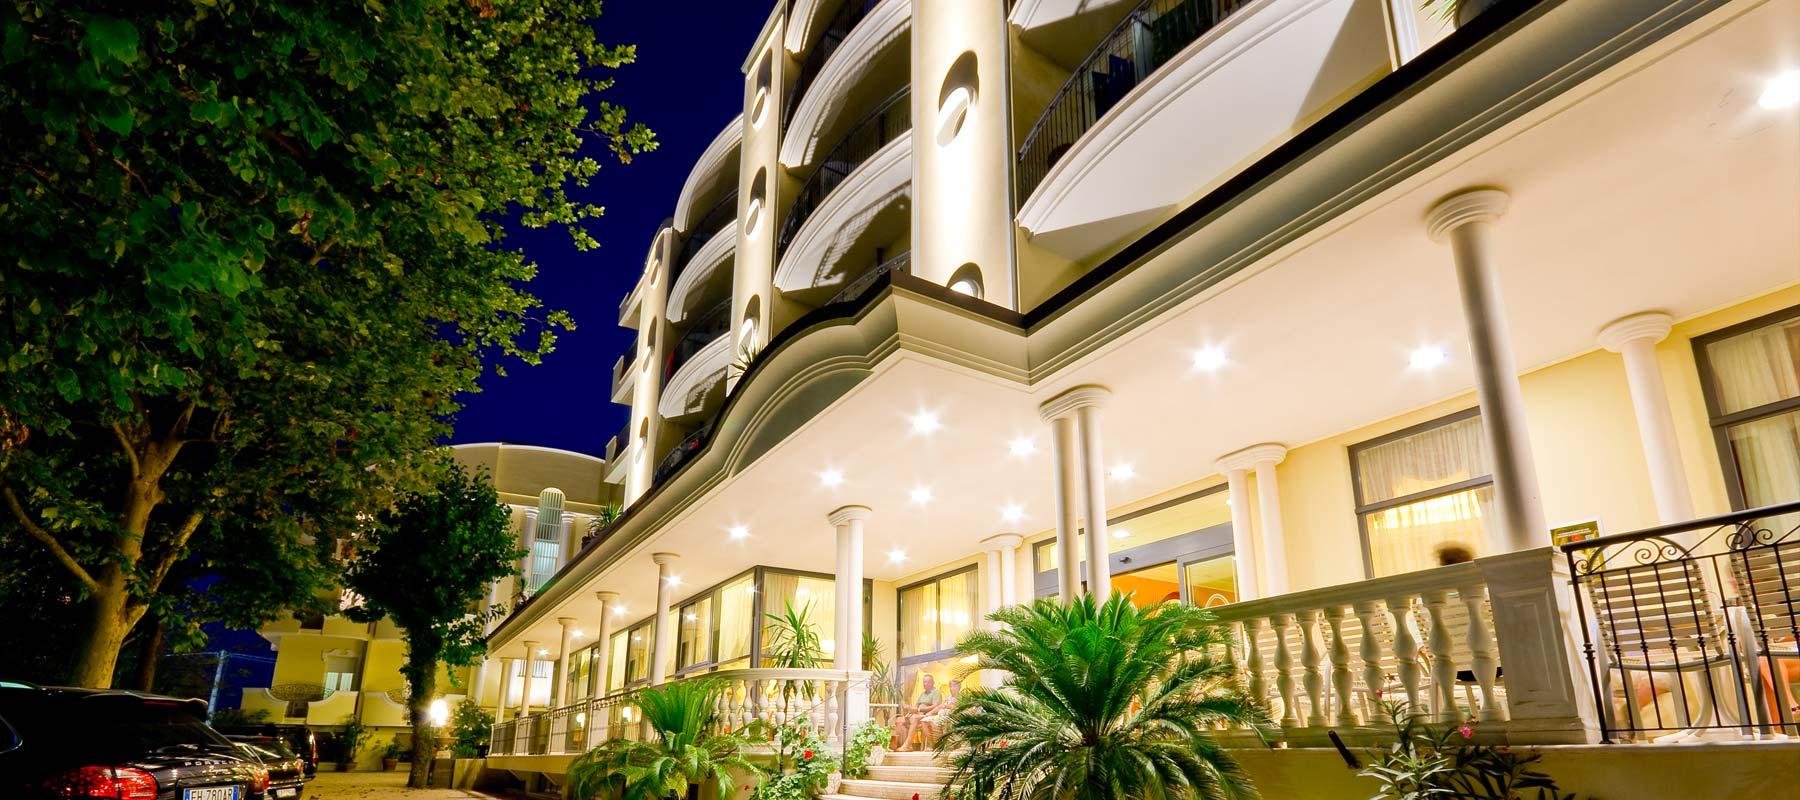 Awesome Hotel Bel Soggiorno Rimini Ideas - Design Trends 2017 ...